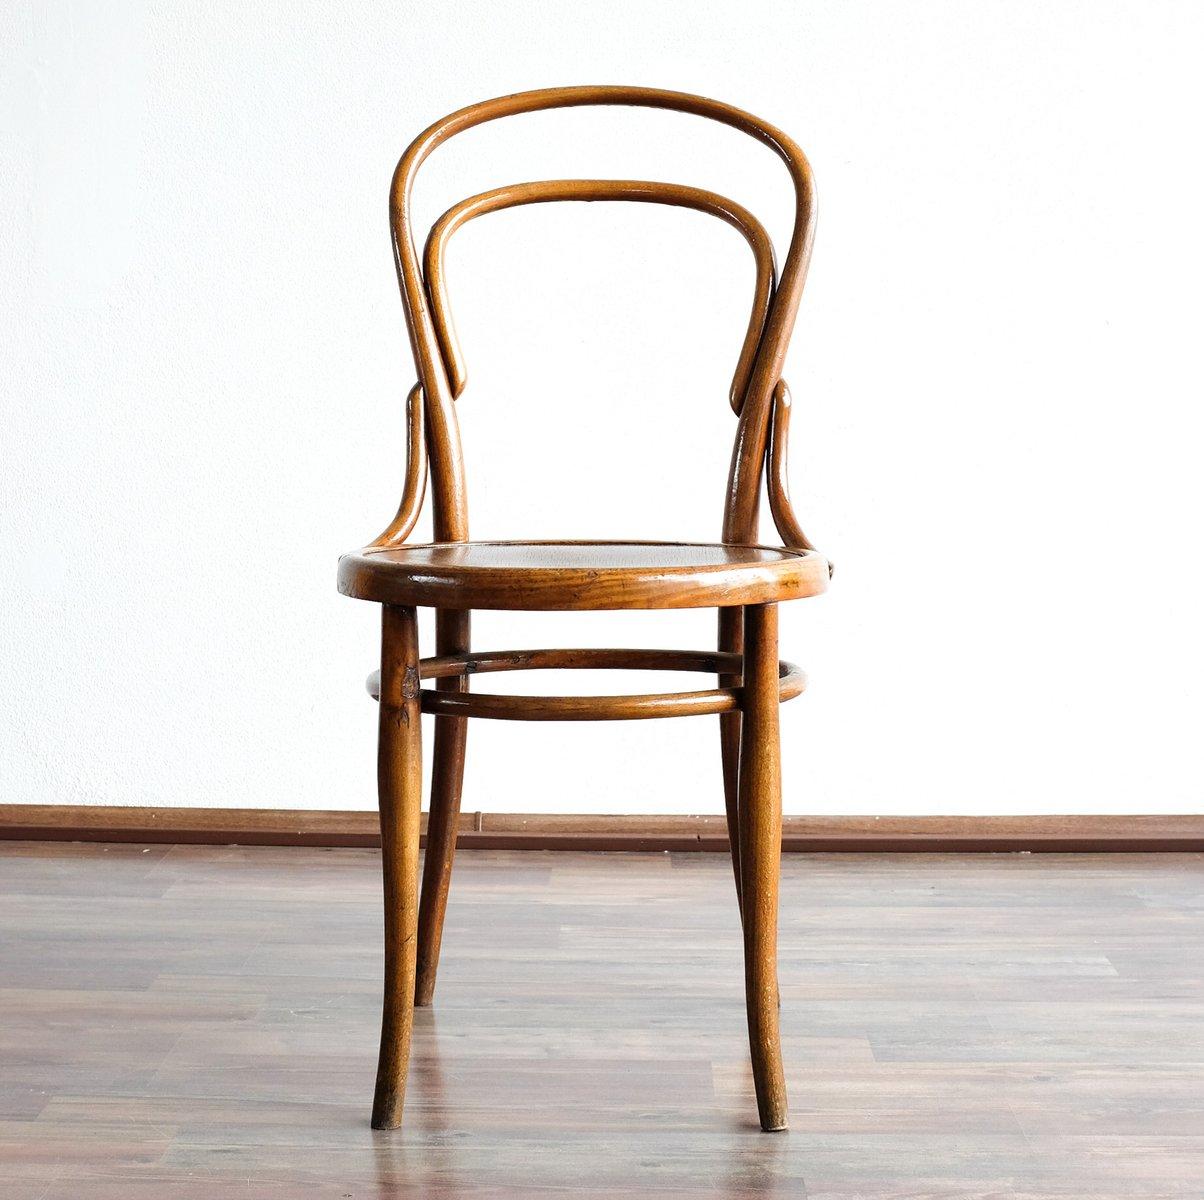 chaise no 14 de thonet 1890s en vente sur pamono. Black Bedroom Furniture Sets. Home Design Ideas